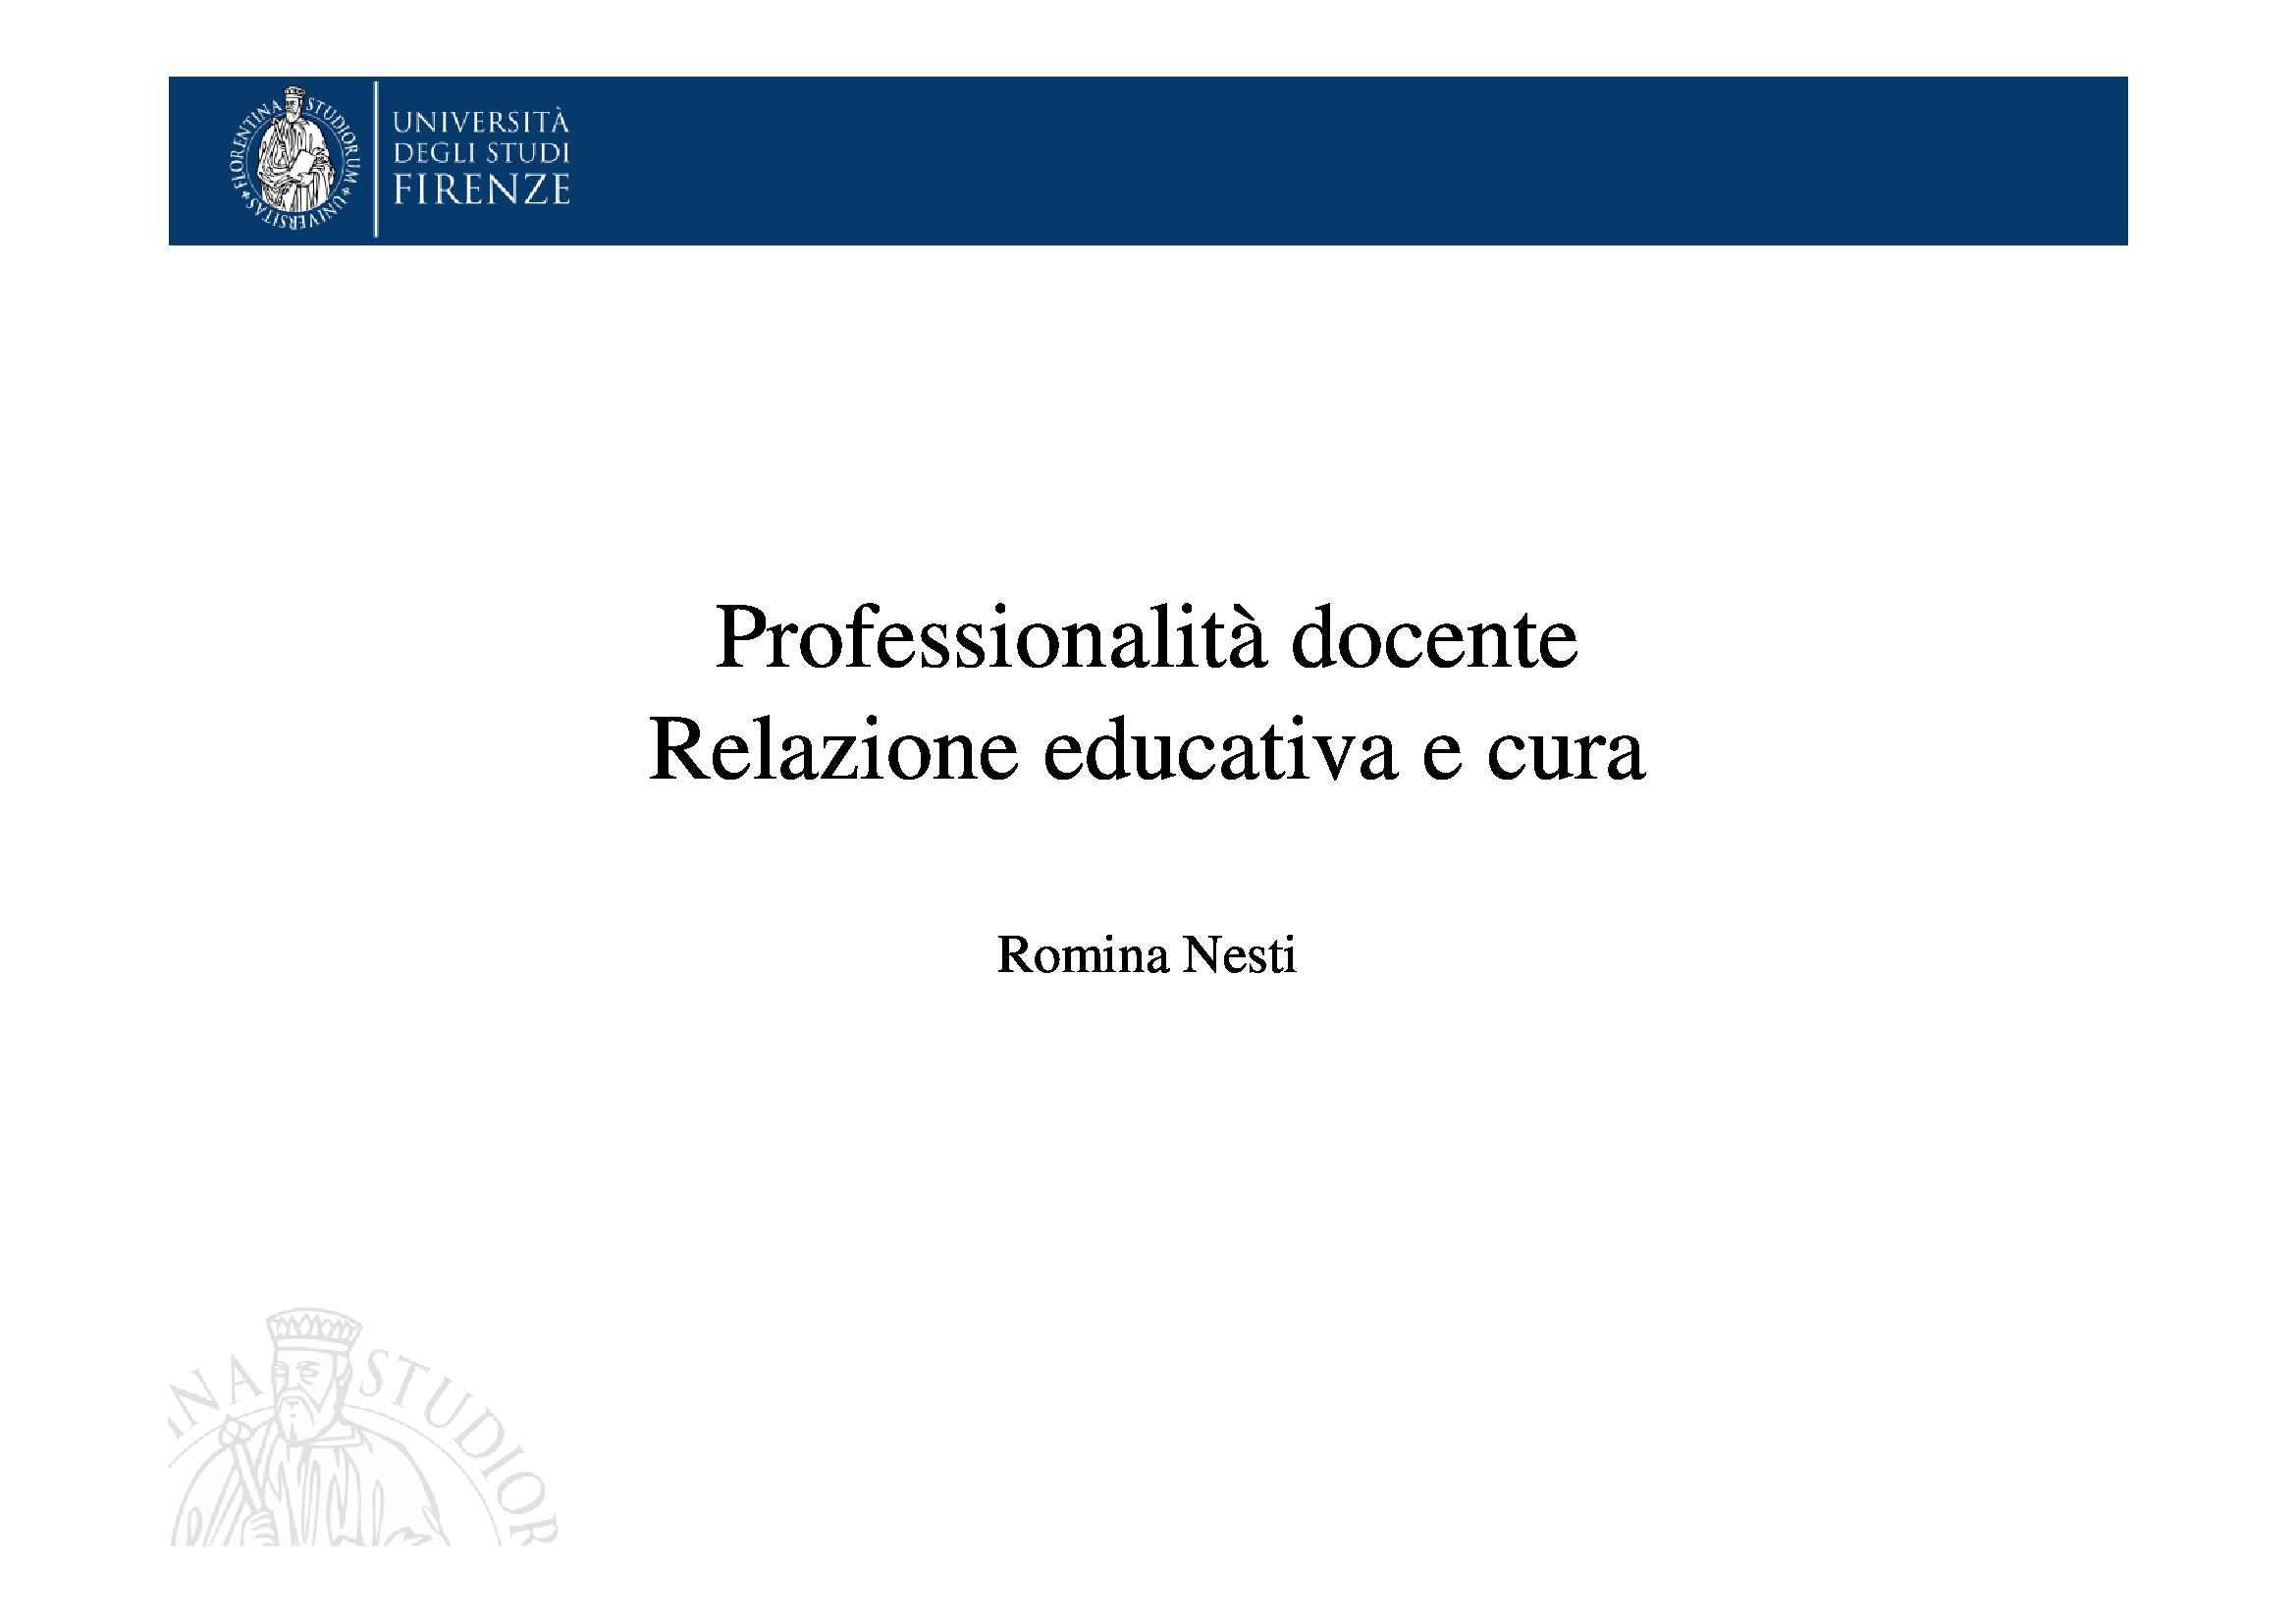 Dispensa di Pedagogia, Professionalità docente. Relazione educativa e cura